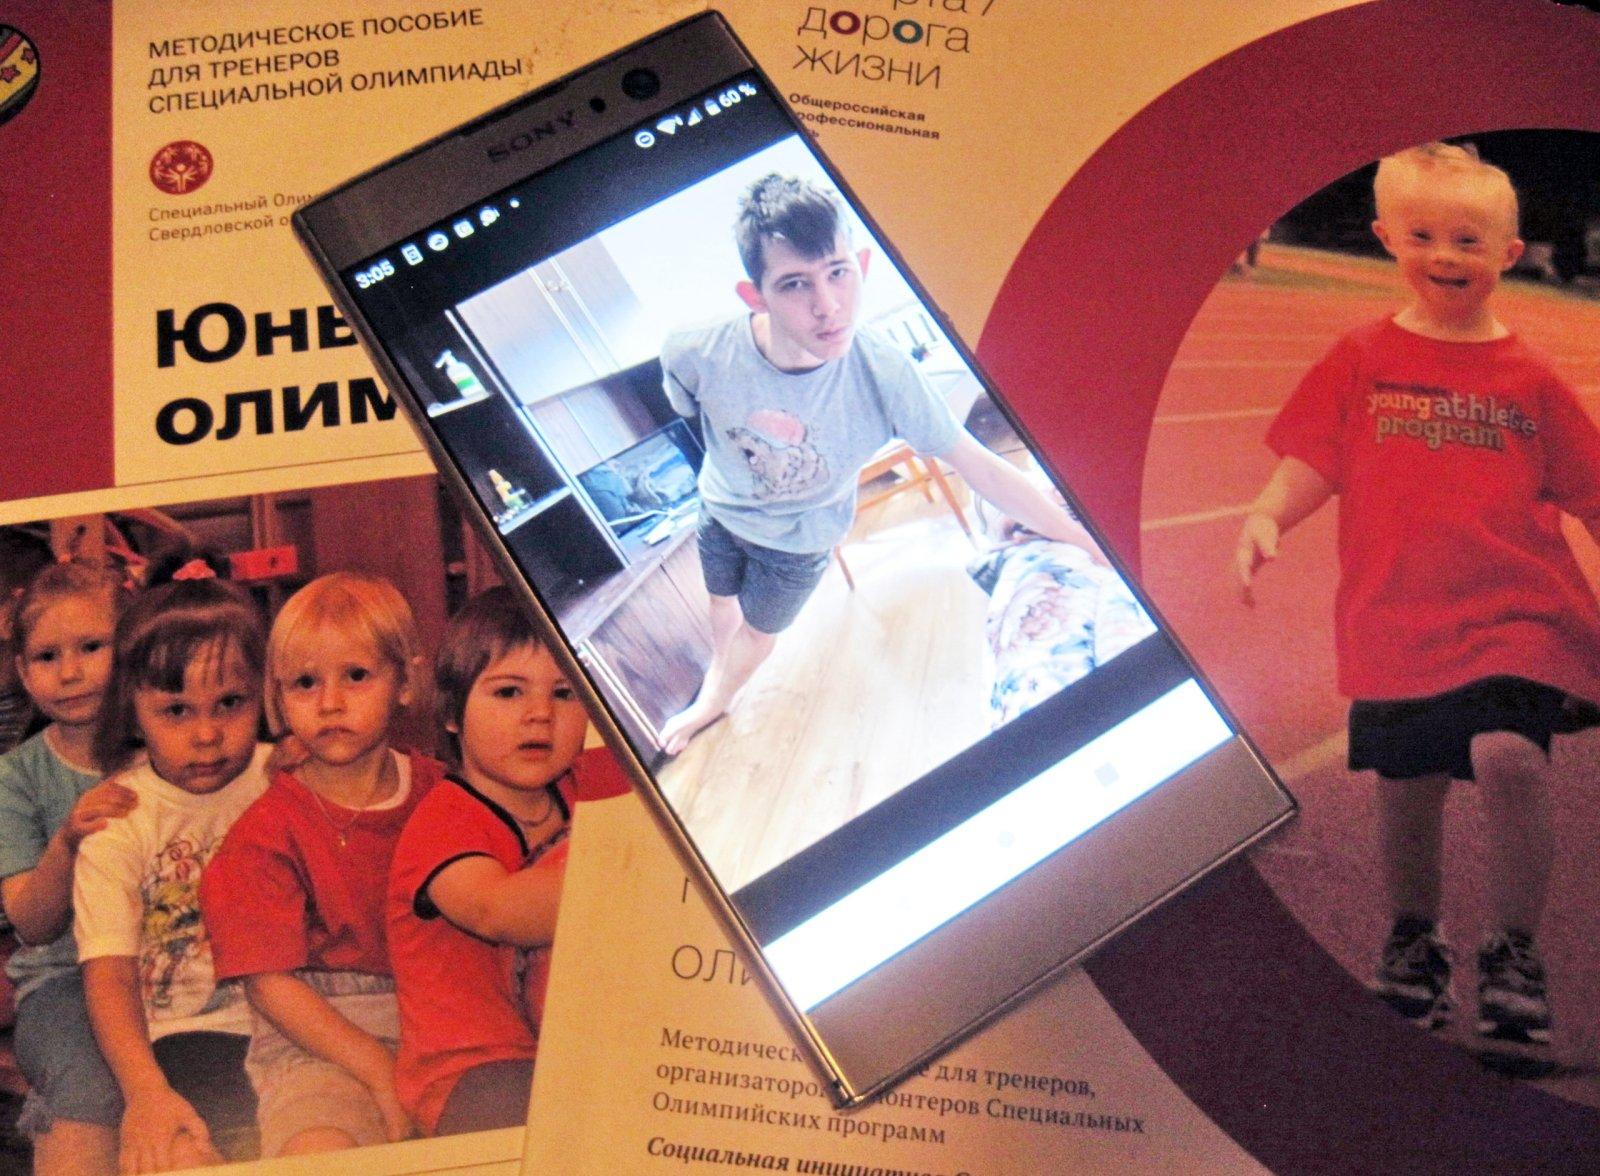 В Свердловской области будет создано мобильное приложение для тренировки особых спортсменов